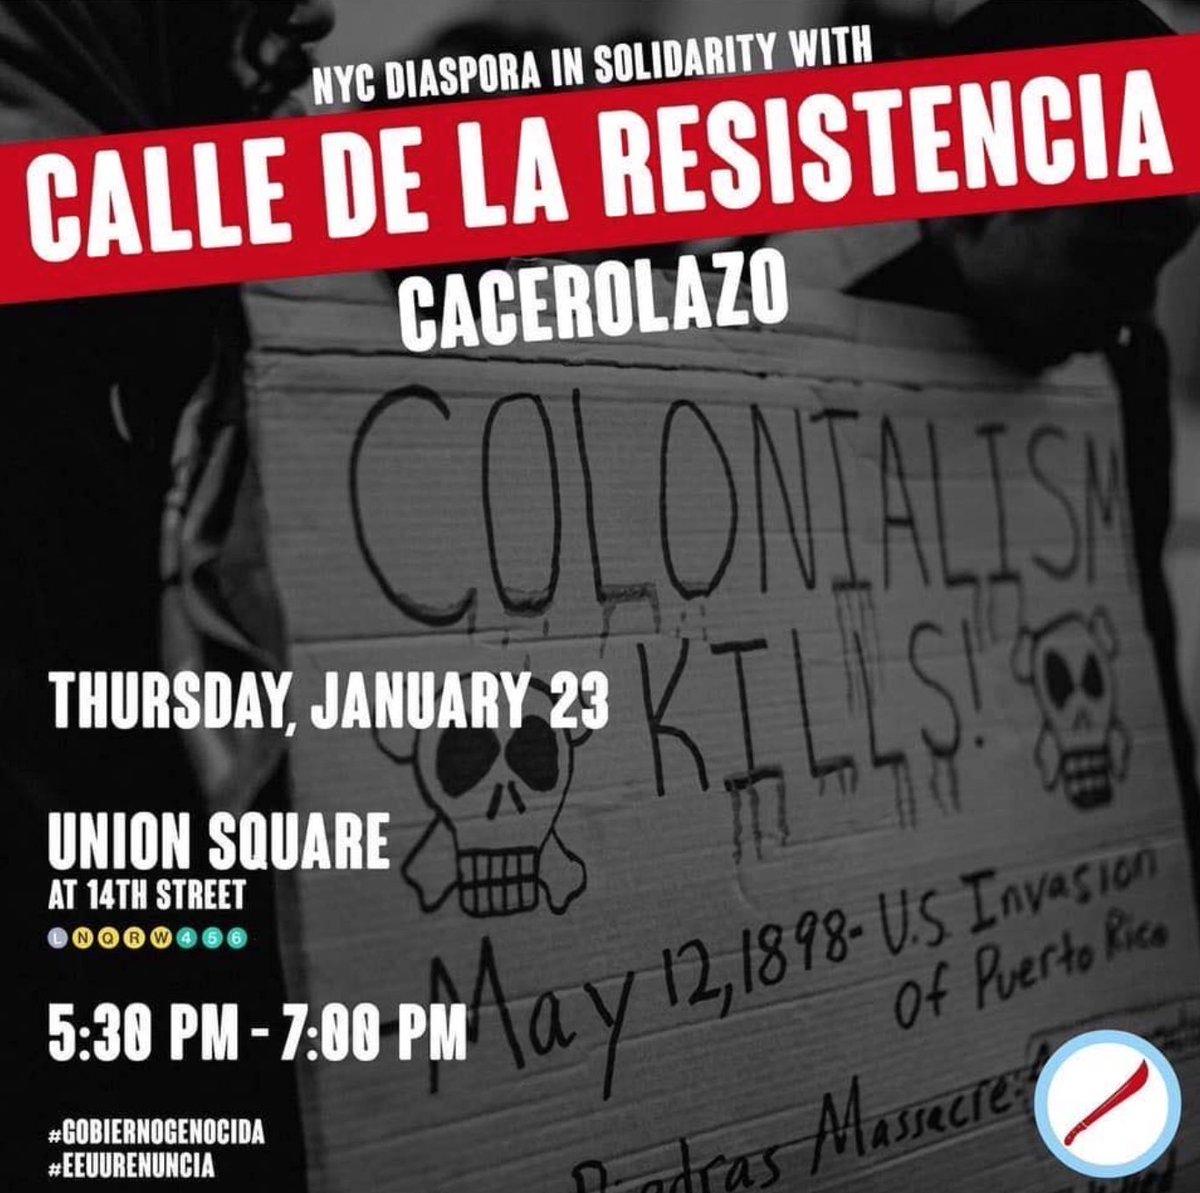 Not in Puerto Rico?  Join protesters in #NYC TONIGHT at 5:30pm in Union Square!!!!  #GobiernoDeMentiras  #GobiernoGenocida #WandaRenuncia #EEUURenuncia